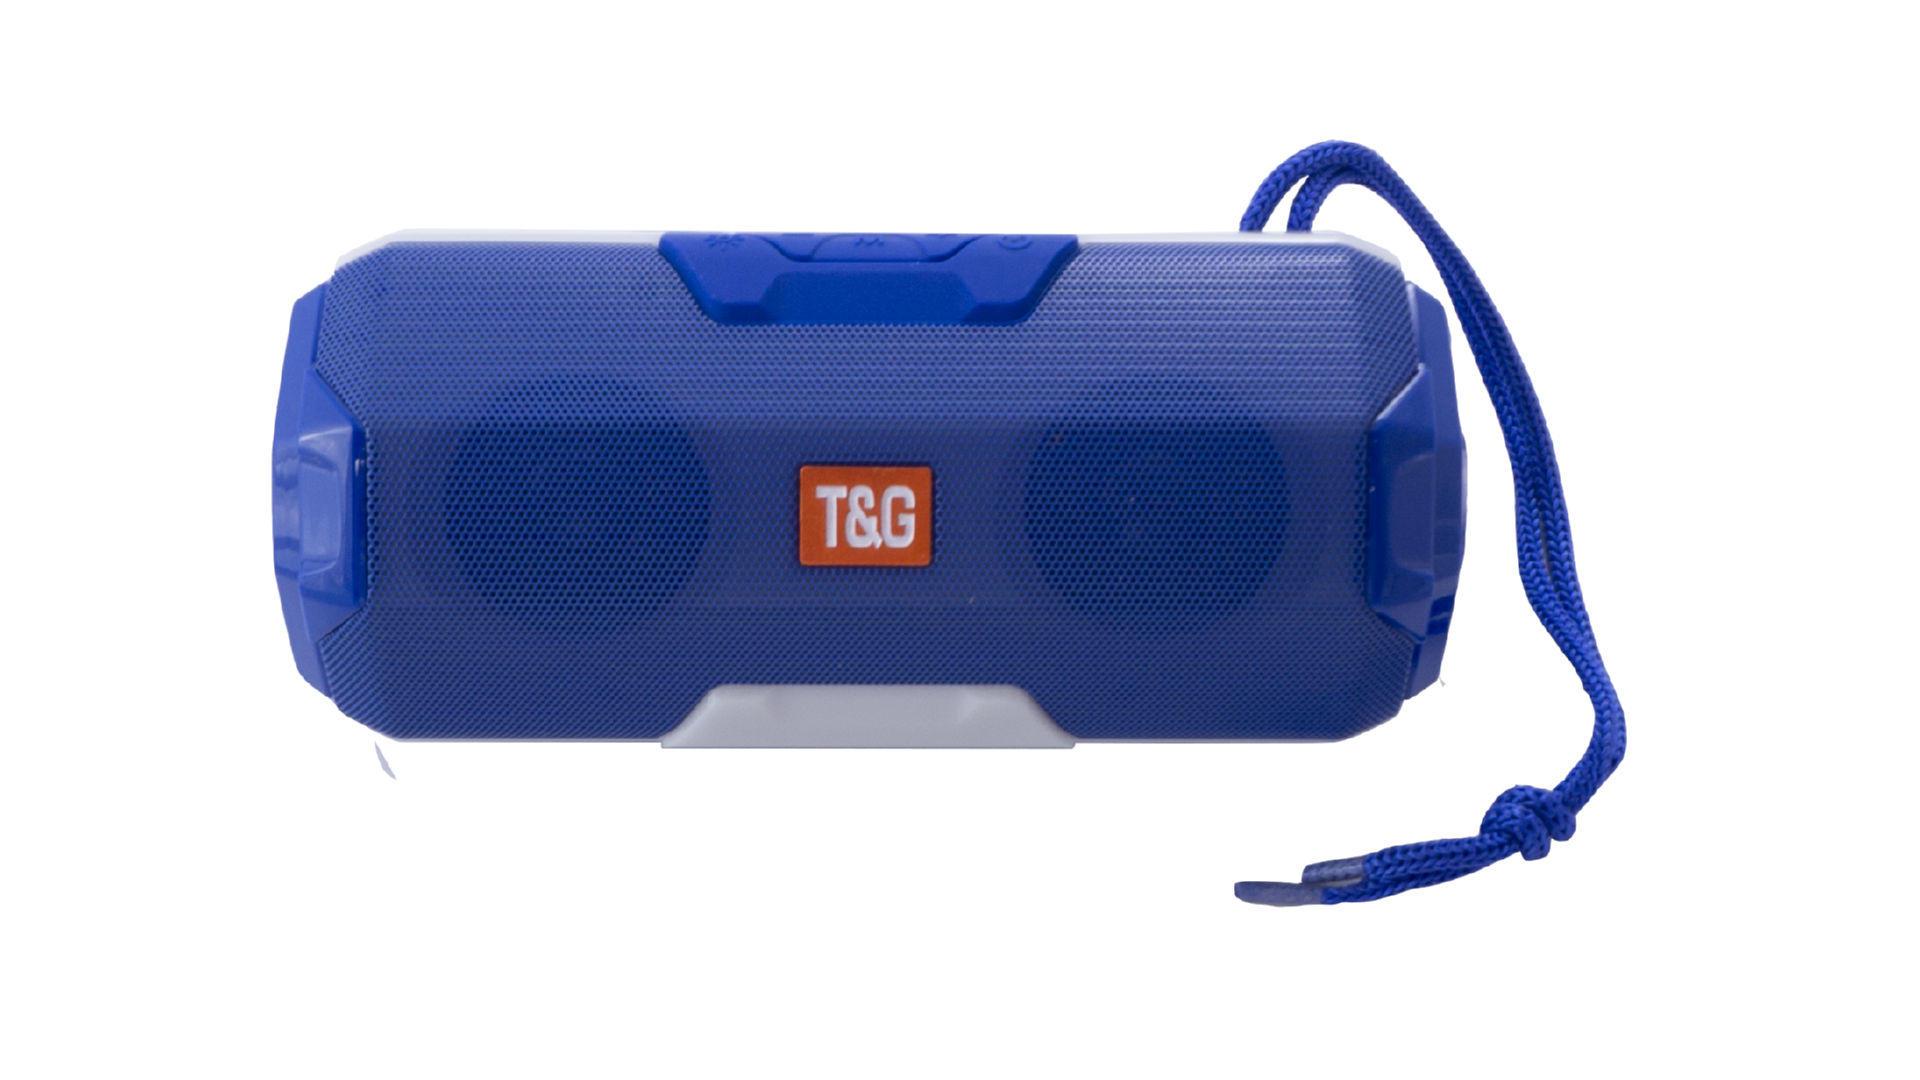 Колонка портативная T&G TG-143 4